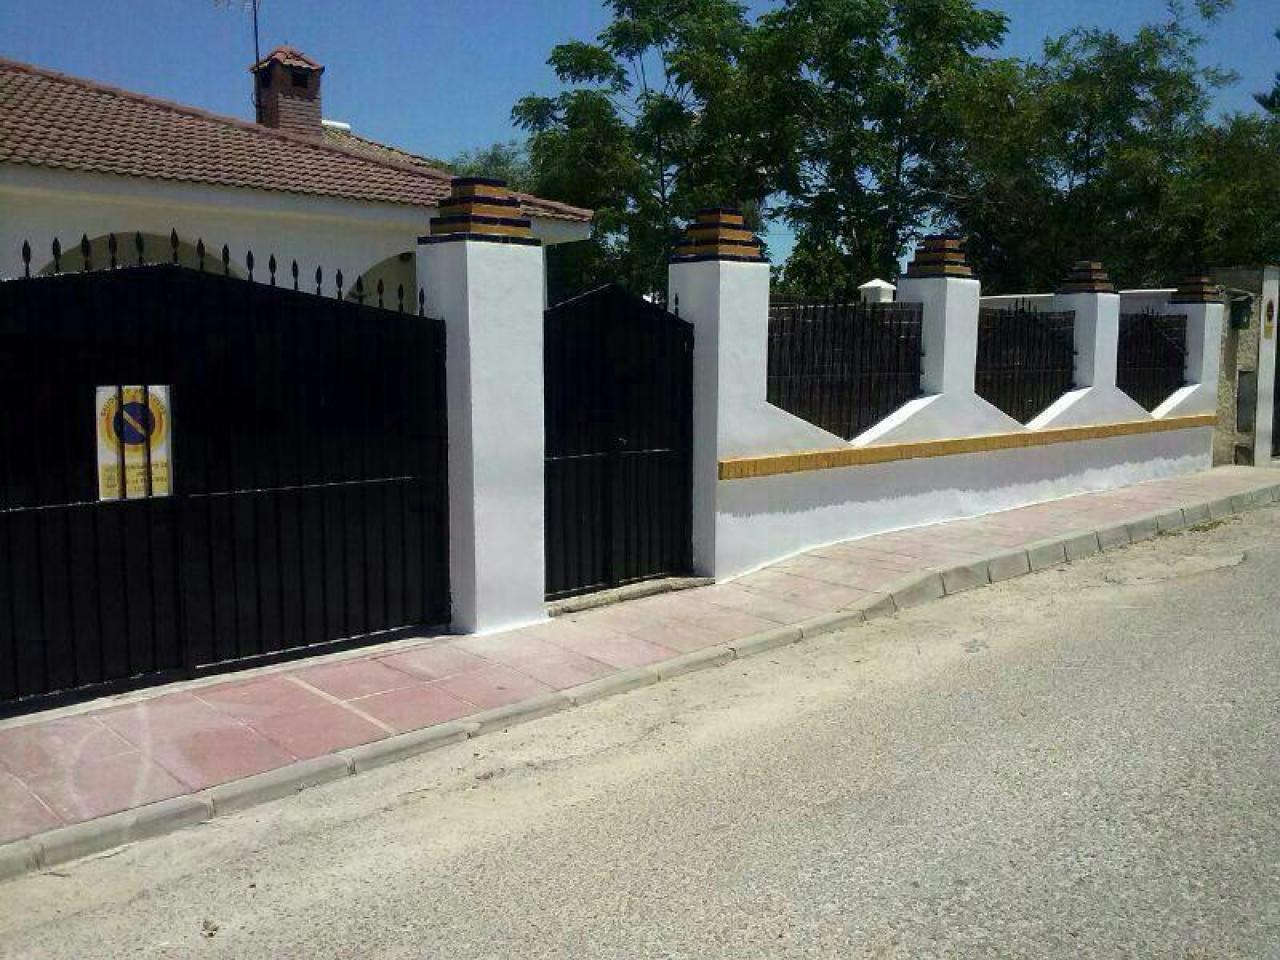 Apartamentos en alquiler Arcos de la Frontera, Cádiz